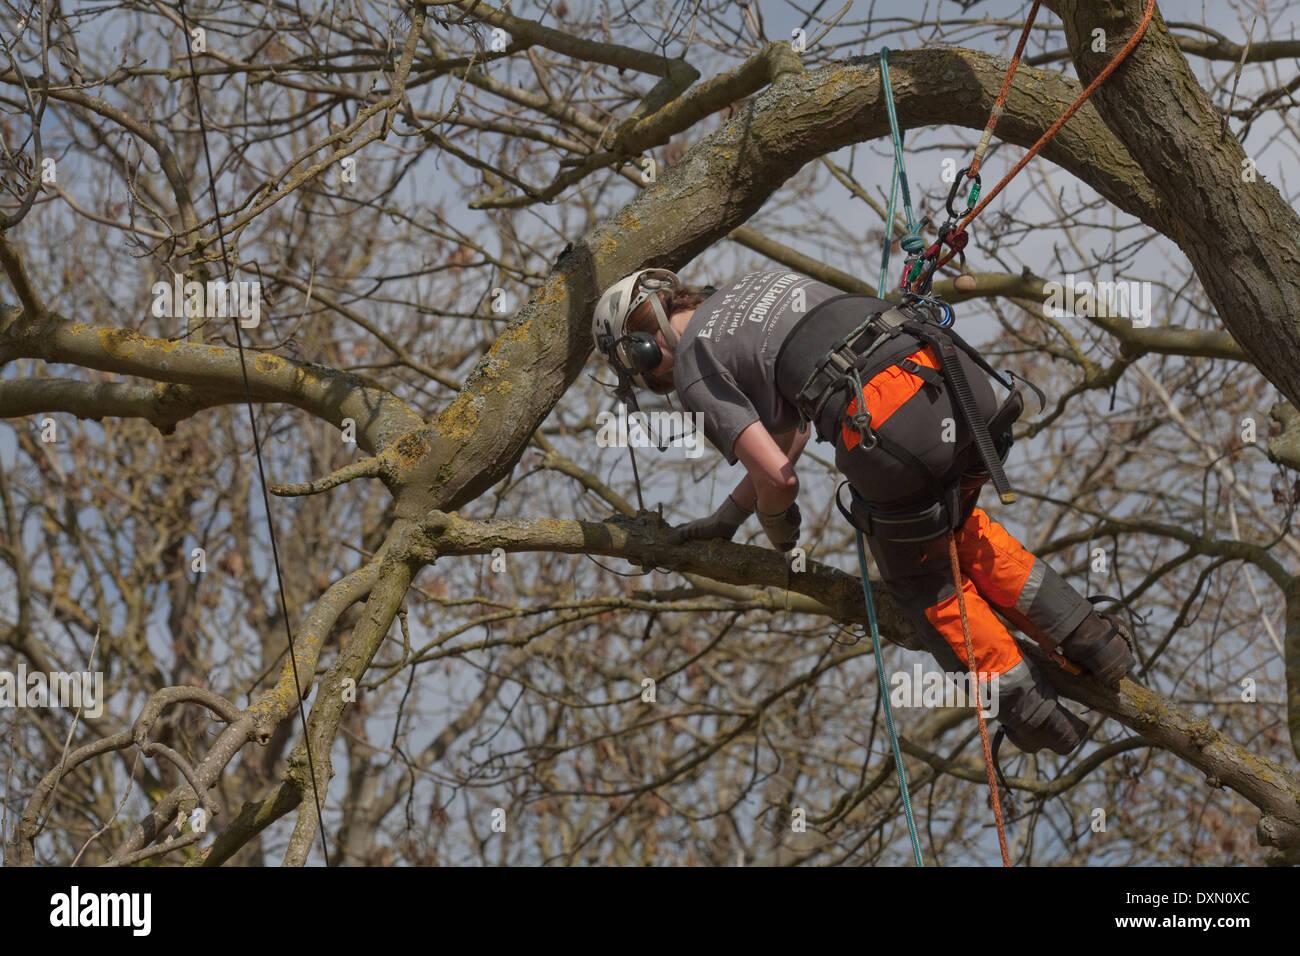 Baum Kletter Gurt : Baum chirurg klettern gesichert durch gurt zu angrenzenden Äste und